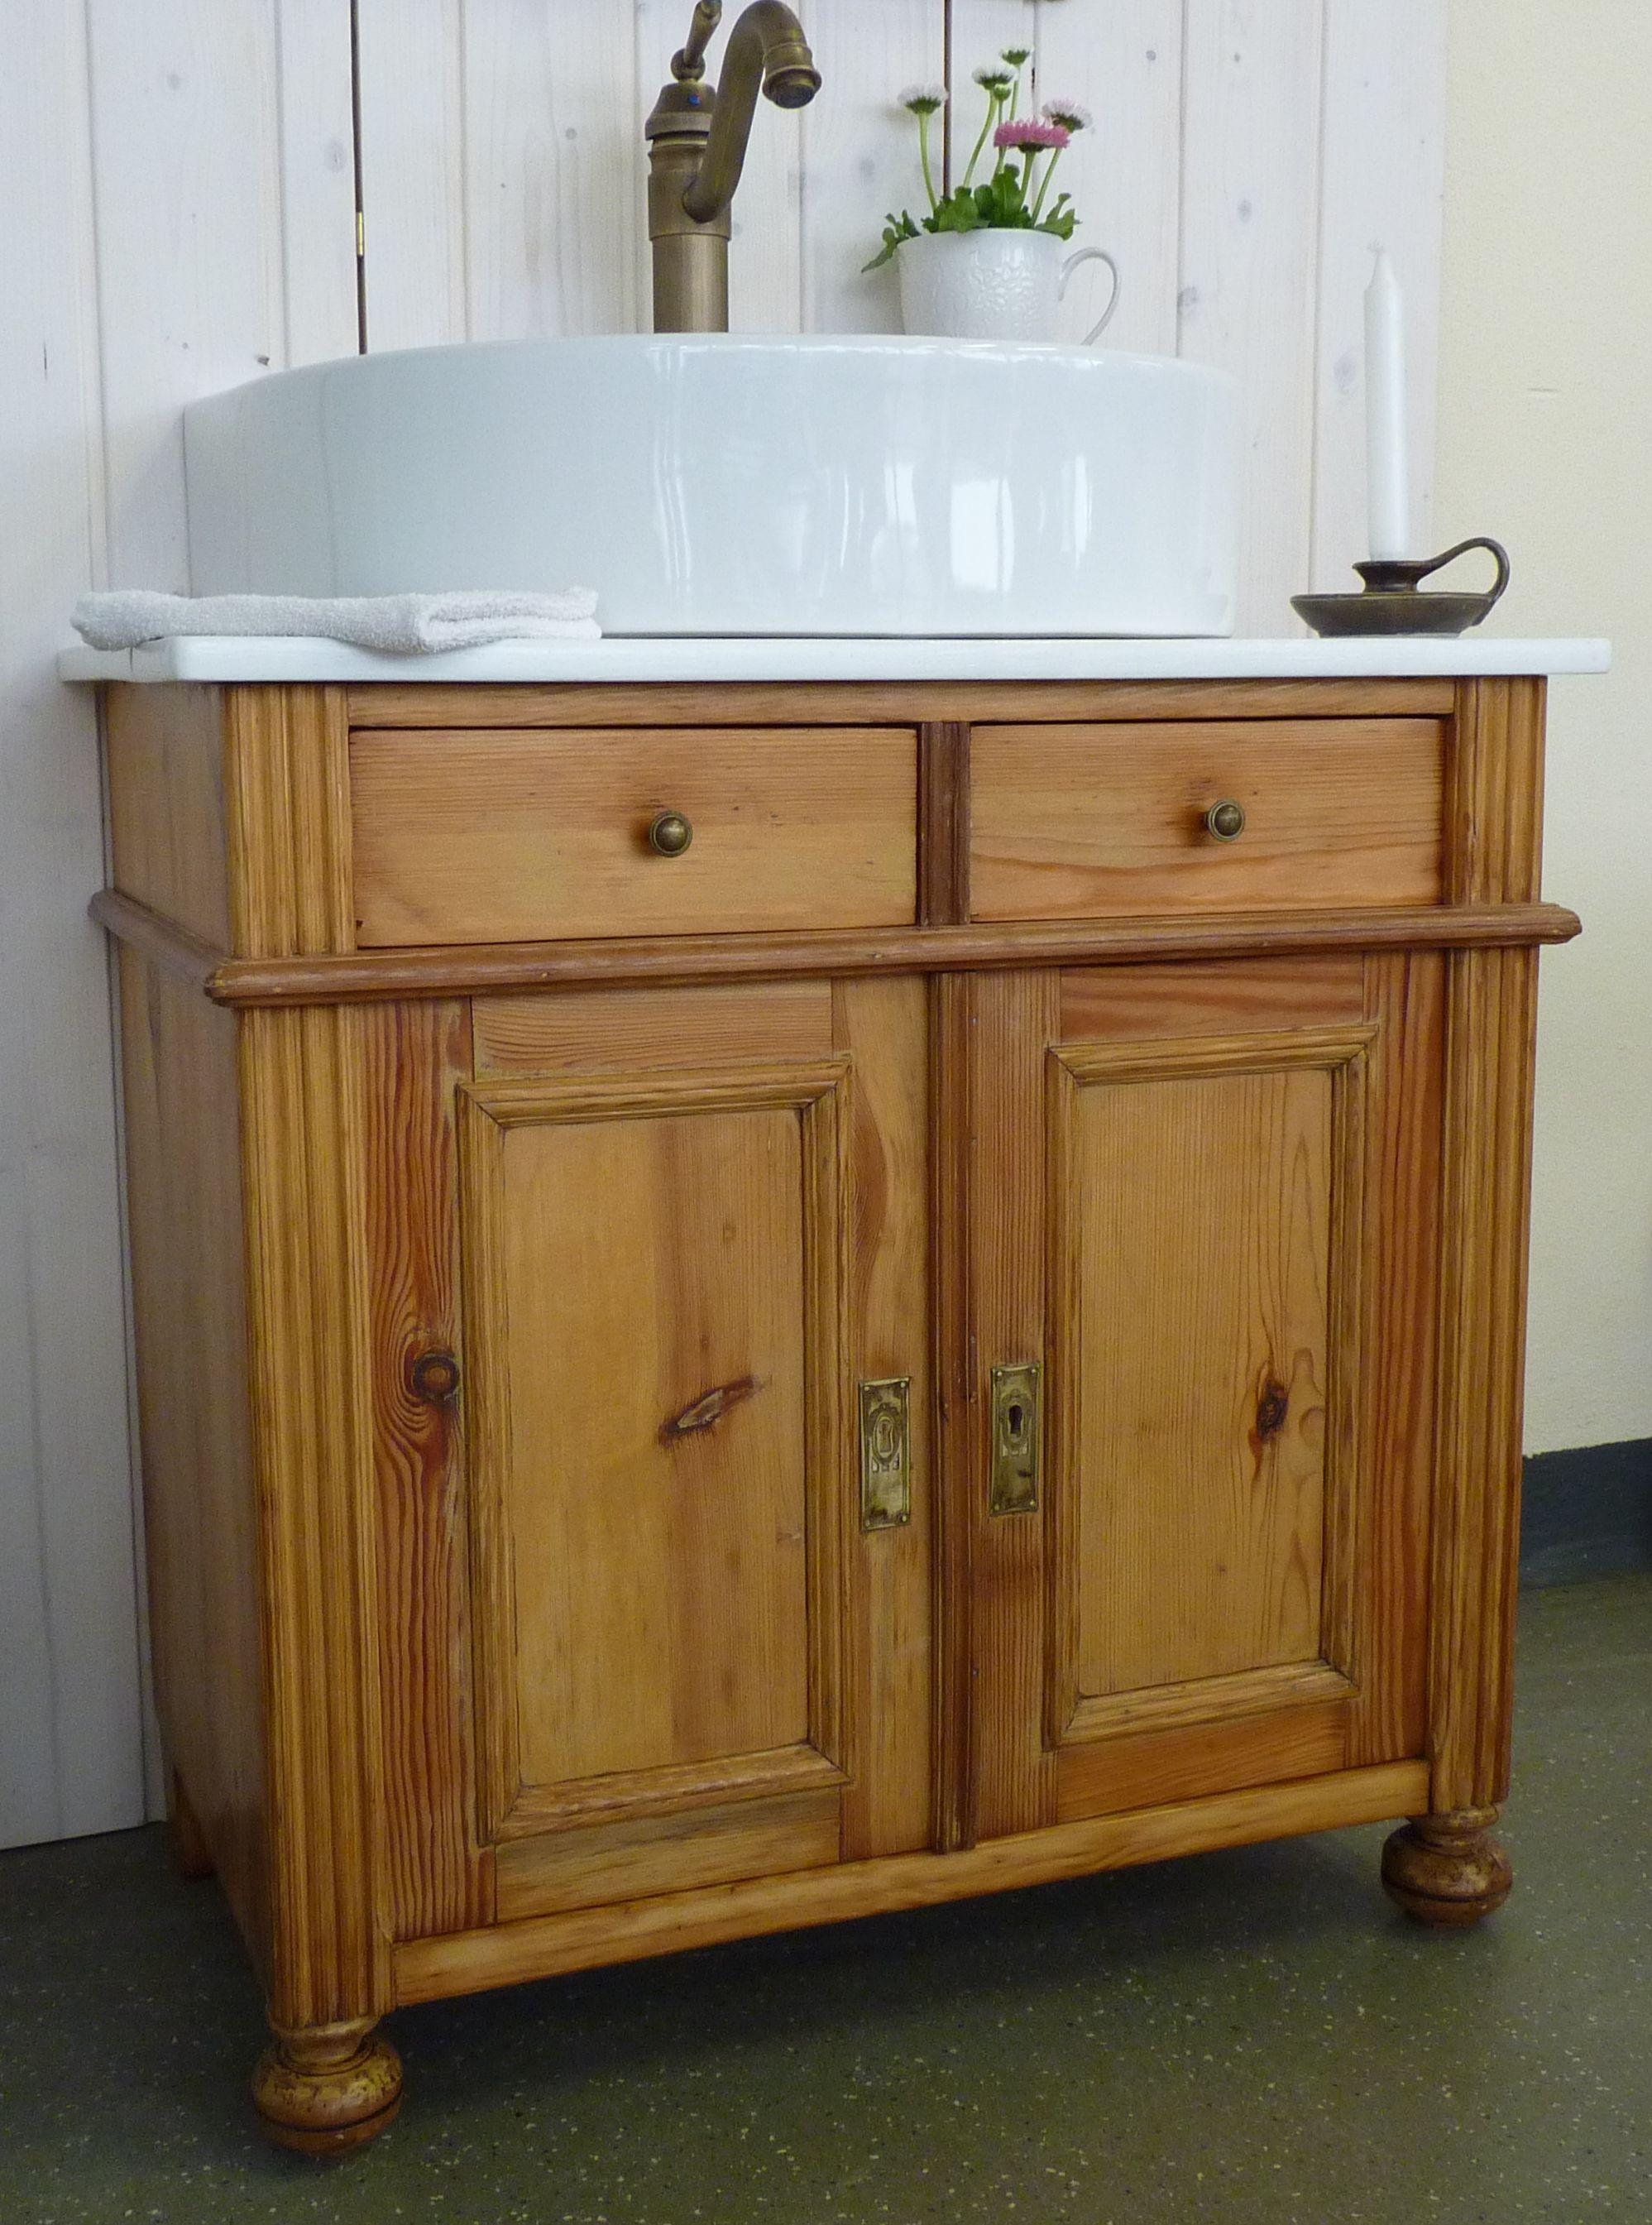 alte kommode jetzt eine waschkommode stilvoll im bad in szene gesetzt kommen die g ste nicht. Black Bedroom Furniture Sets. Home Design Ideas